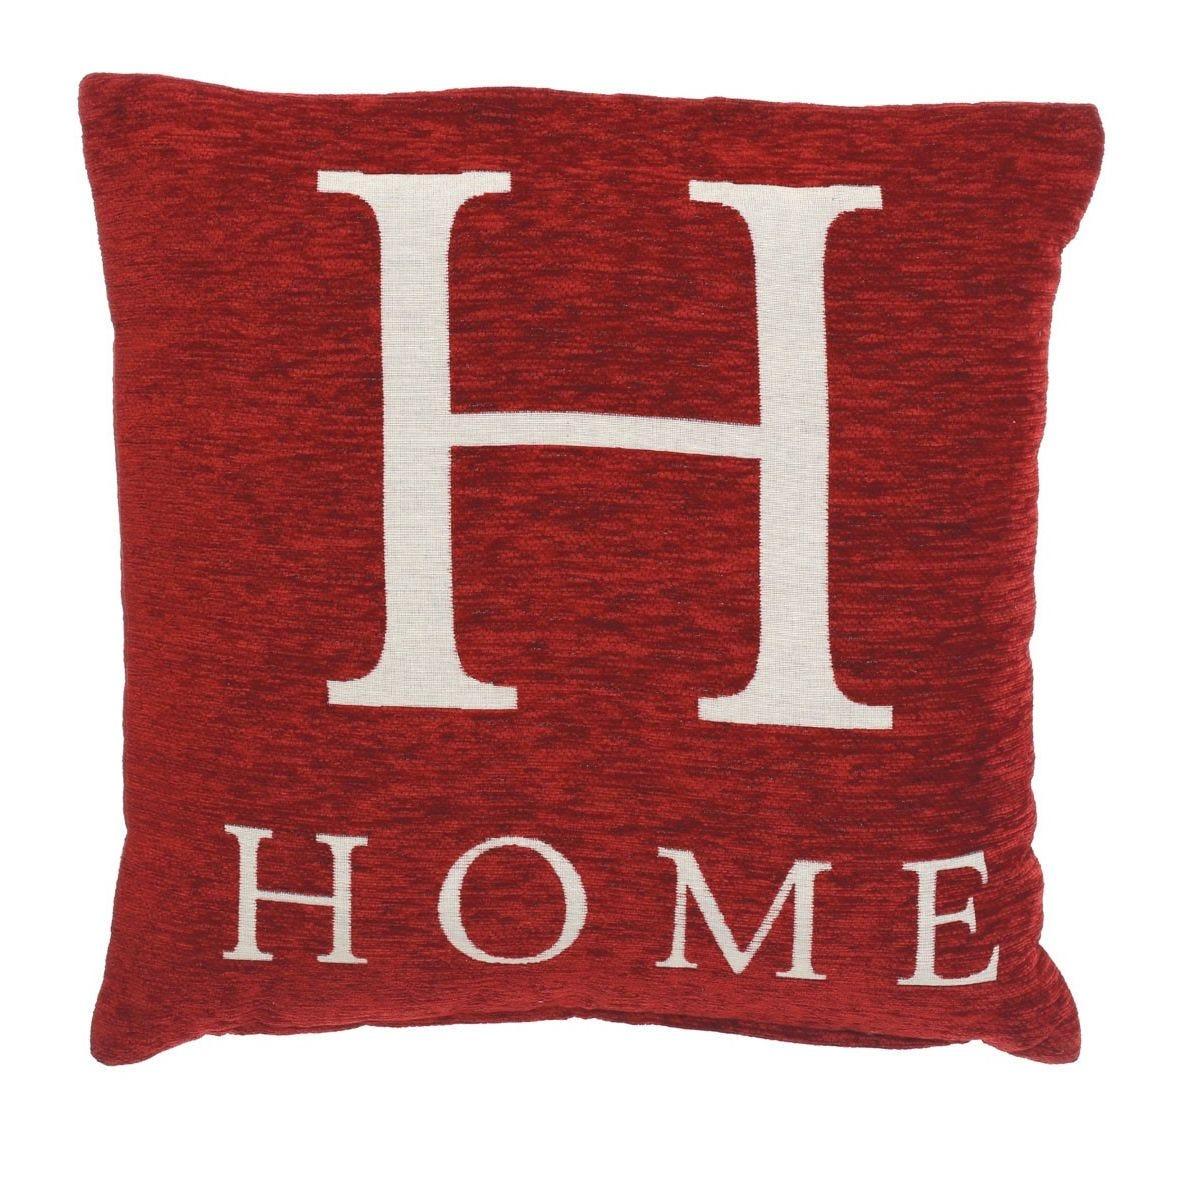 Premier Housewares 'Home' Cushion - Red